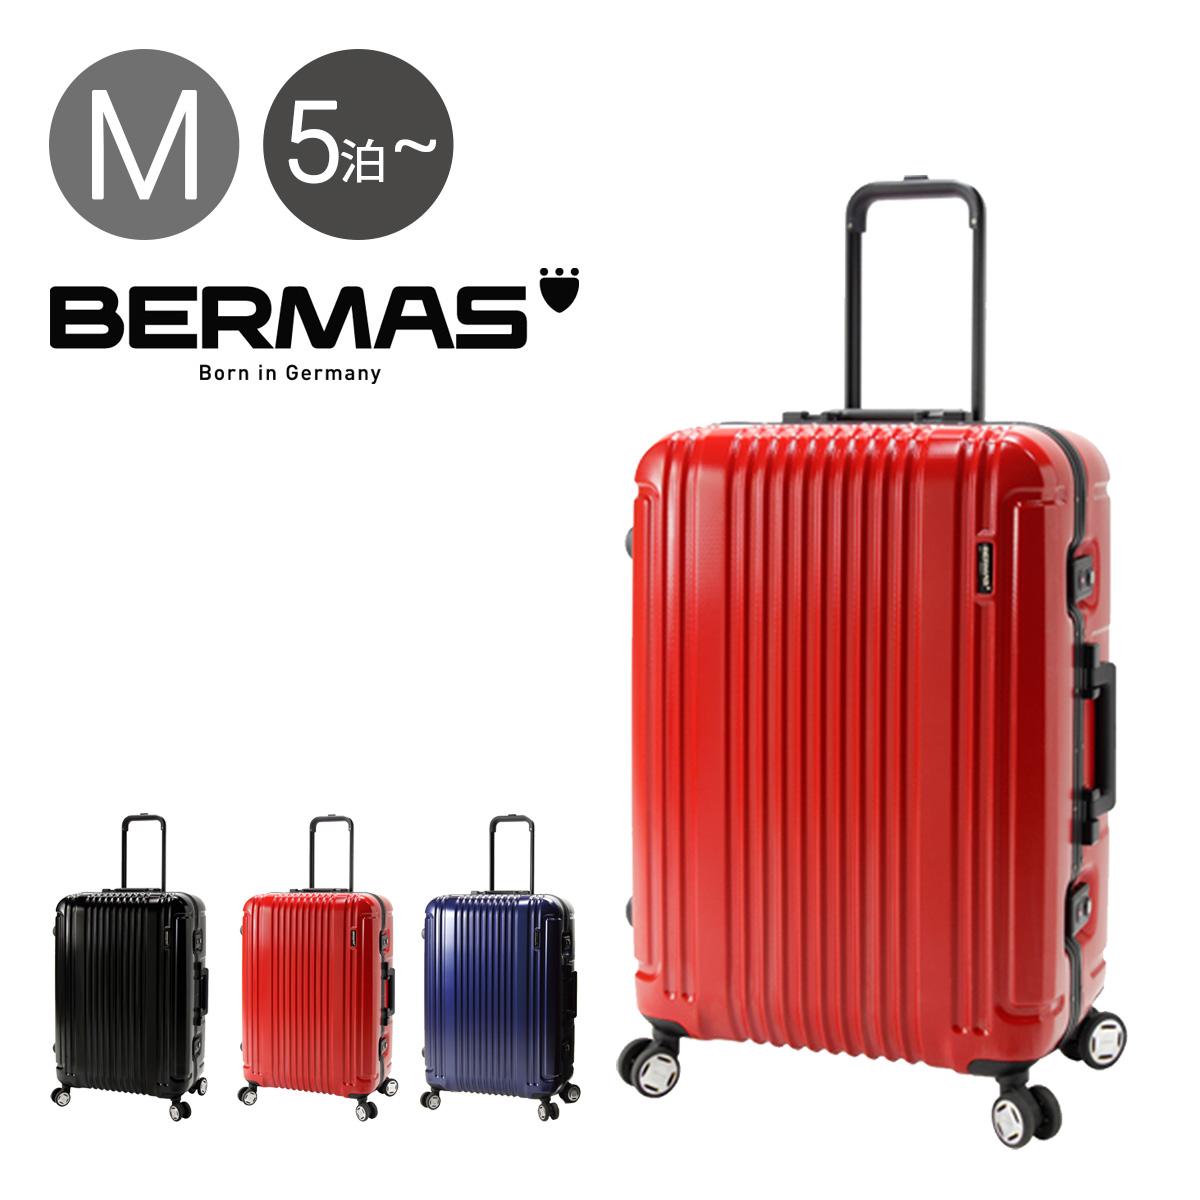 バーマス スーツケース 66L 62cm 4.7kg ハード フレーム プレステージIII メンズ レディース 60281 BERMAS | キャリーケース TSAロック搭載 HINOMOTO【PO10】